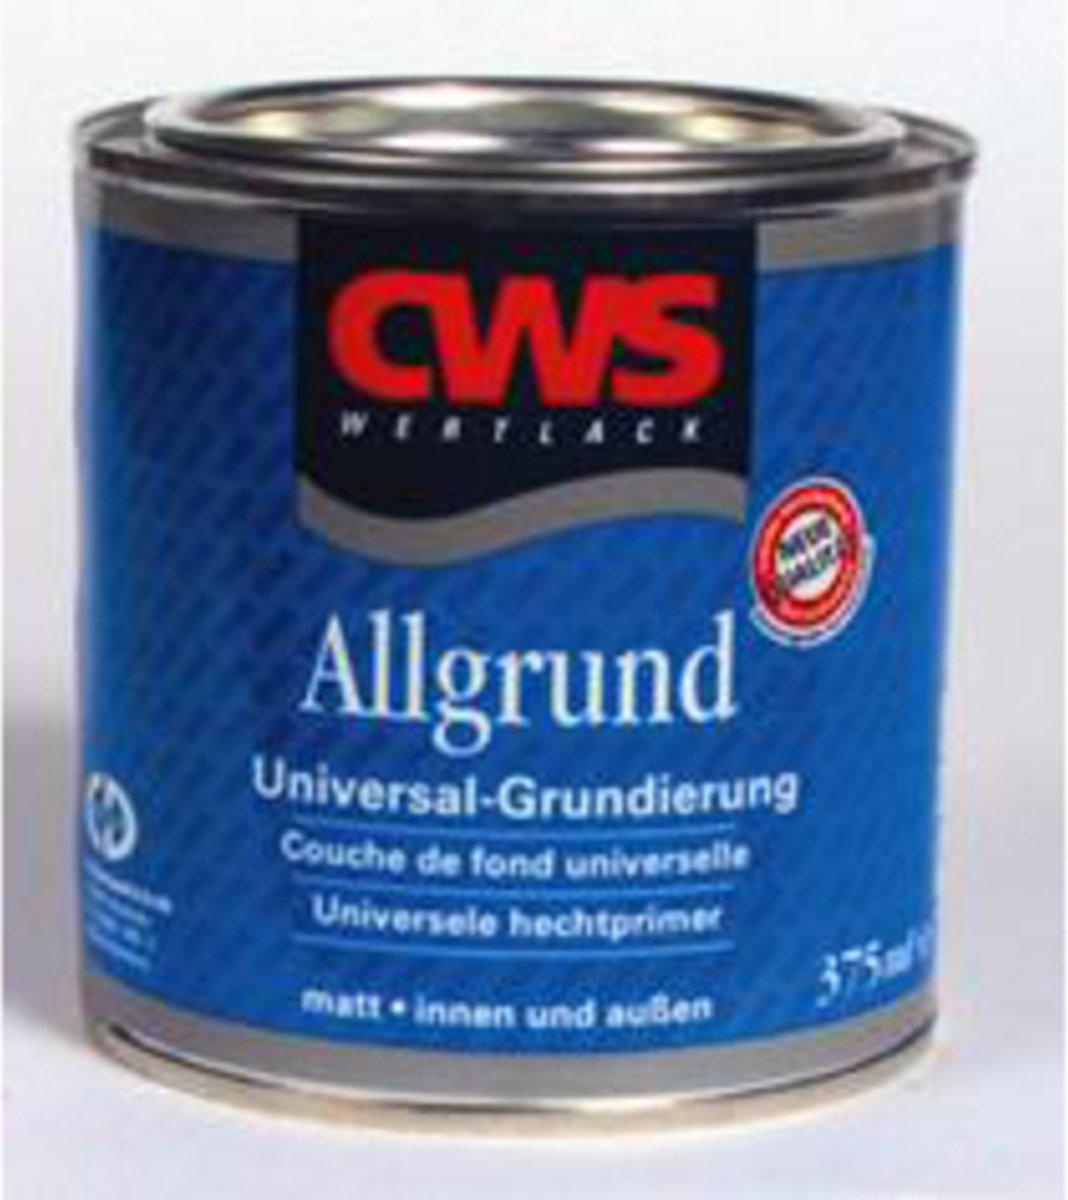 Cws 9005 Allgrund Grondverf - 375 ml kopen